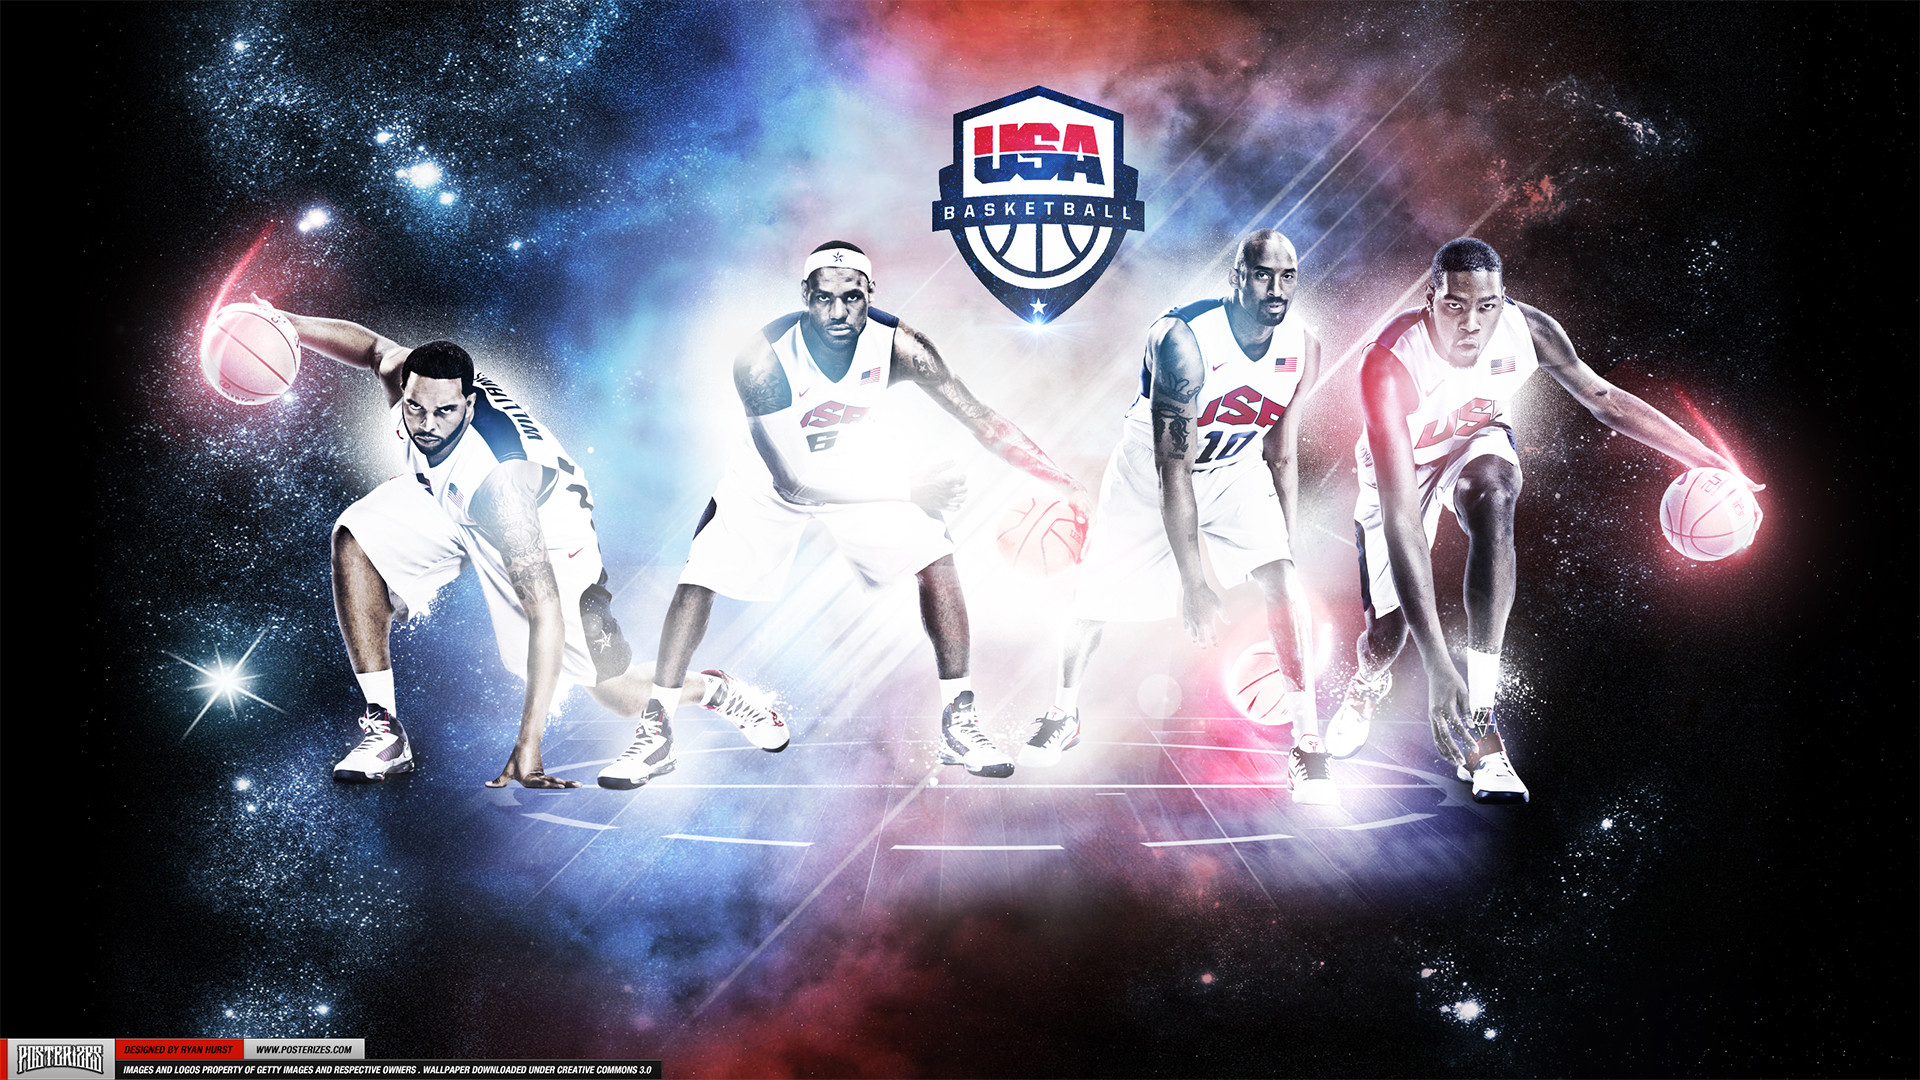 Team USA – 'Next Level' (WALLPAPER)